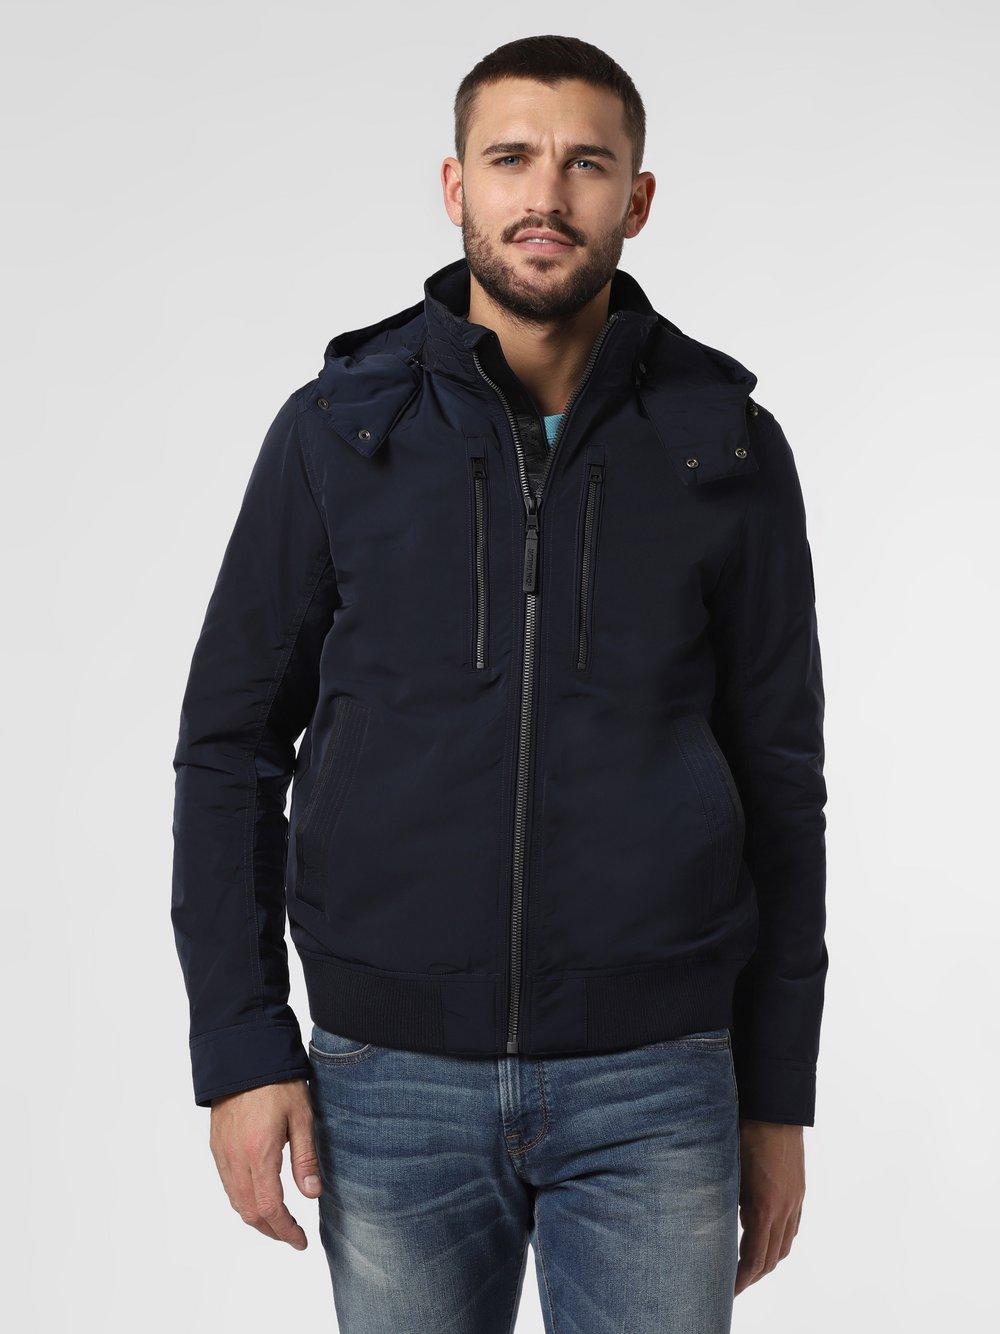 Tom Tailor – Męska kurtka funkcyjna, czarny Van Graaf 465947-0001